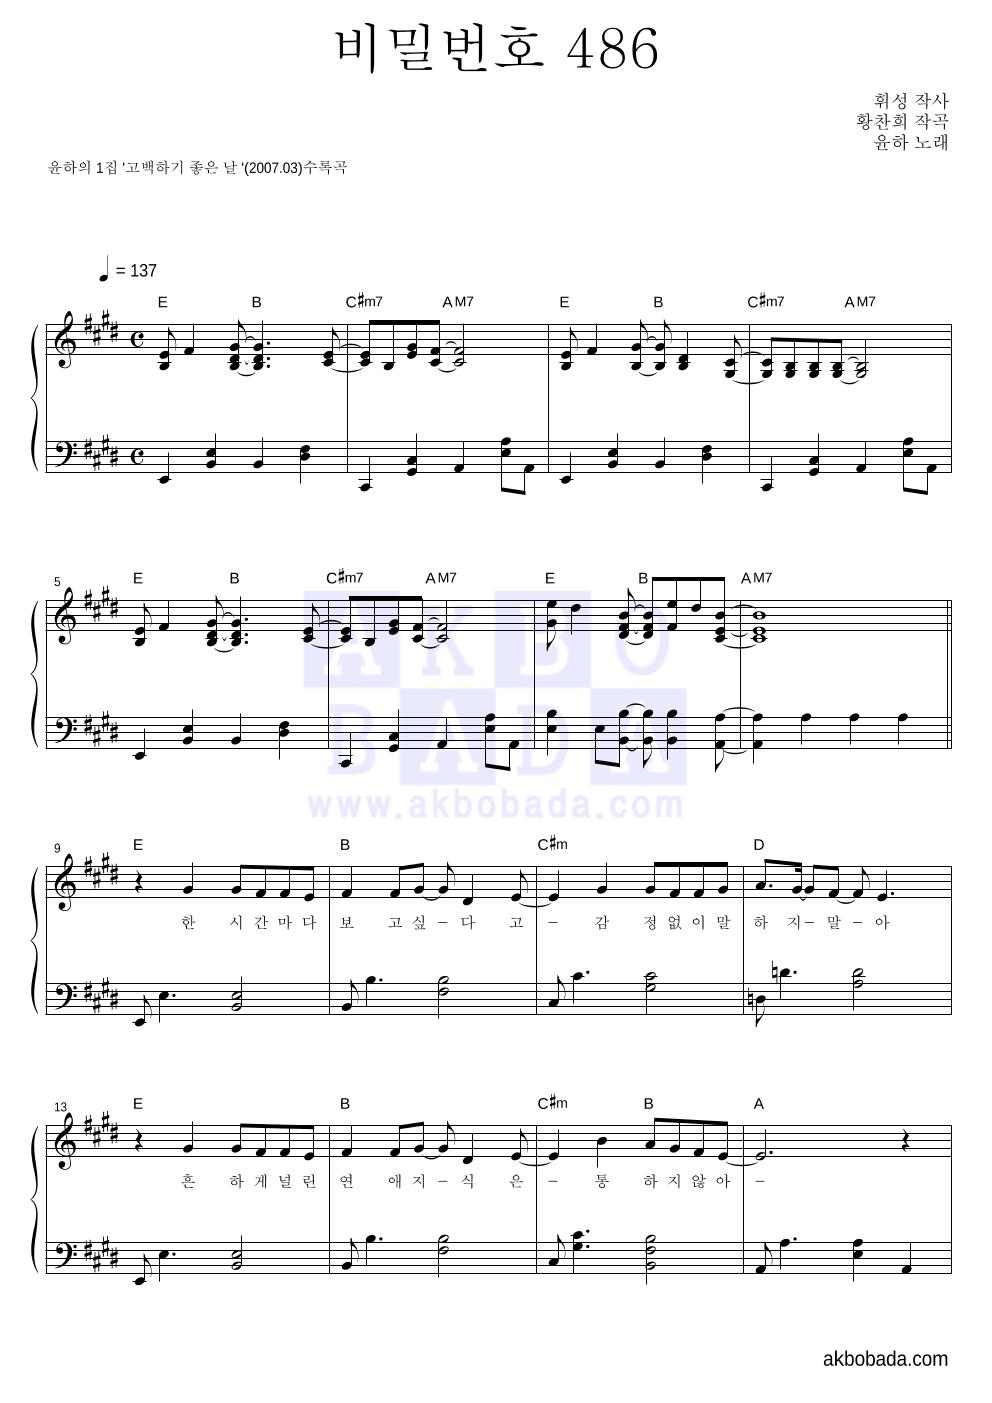 윤하 - 비밀번호 486 피아노 2단 악보